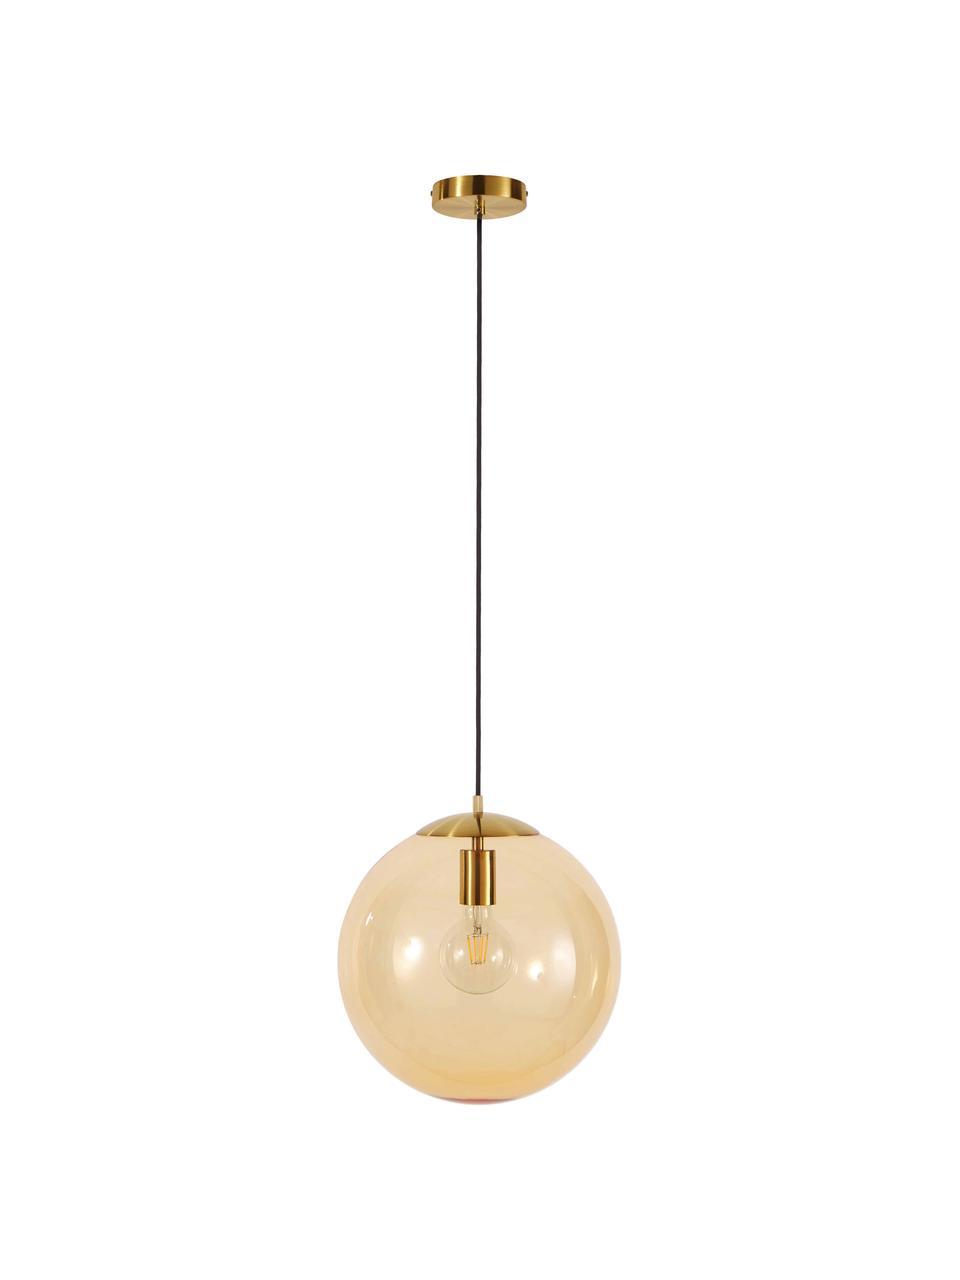 Hanglamp Bao van glas, Lampenkap: glas, Baldakijn: gegalvaniseerd metaal, Goudkleurig, Ø 35 cm